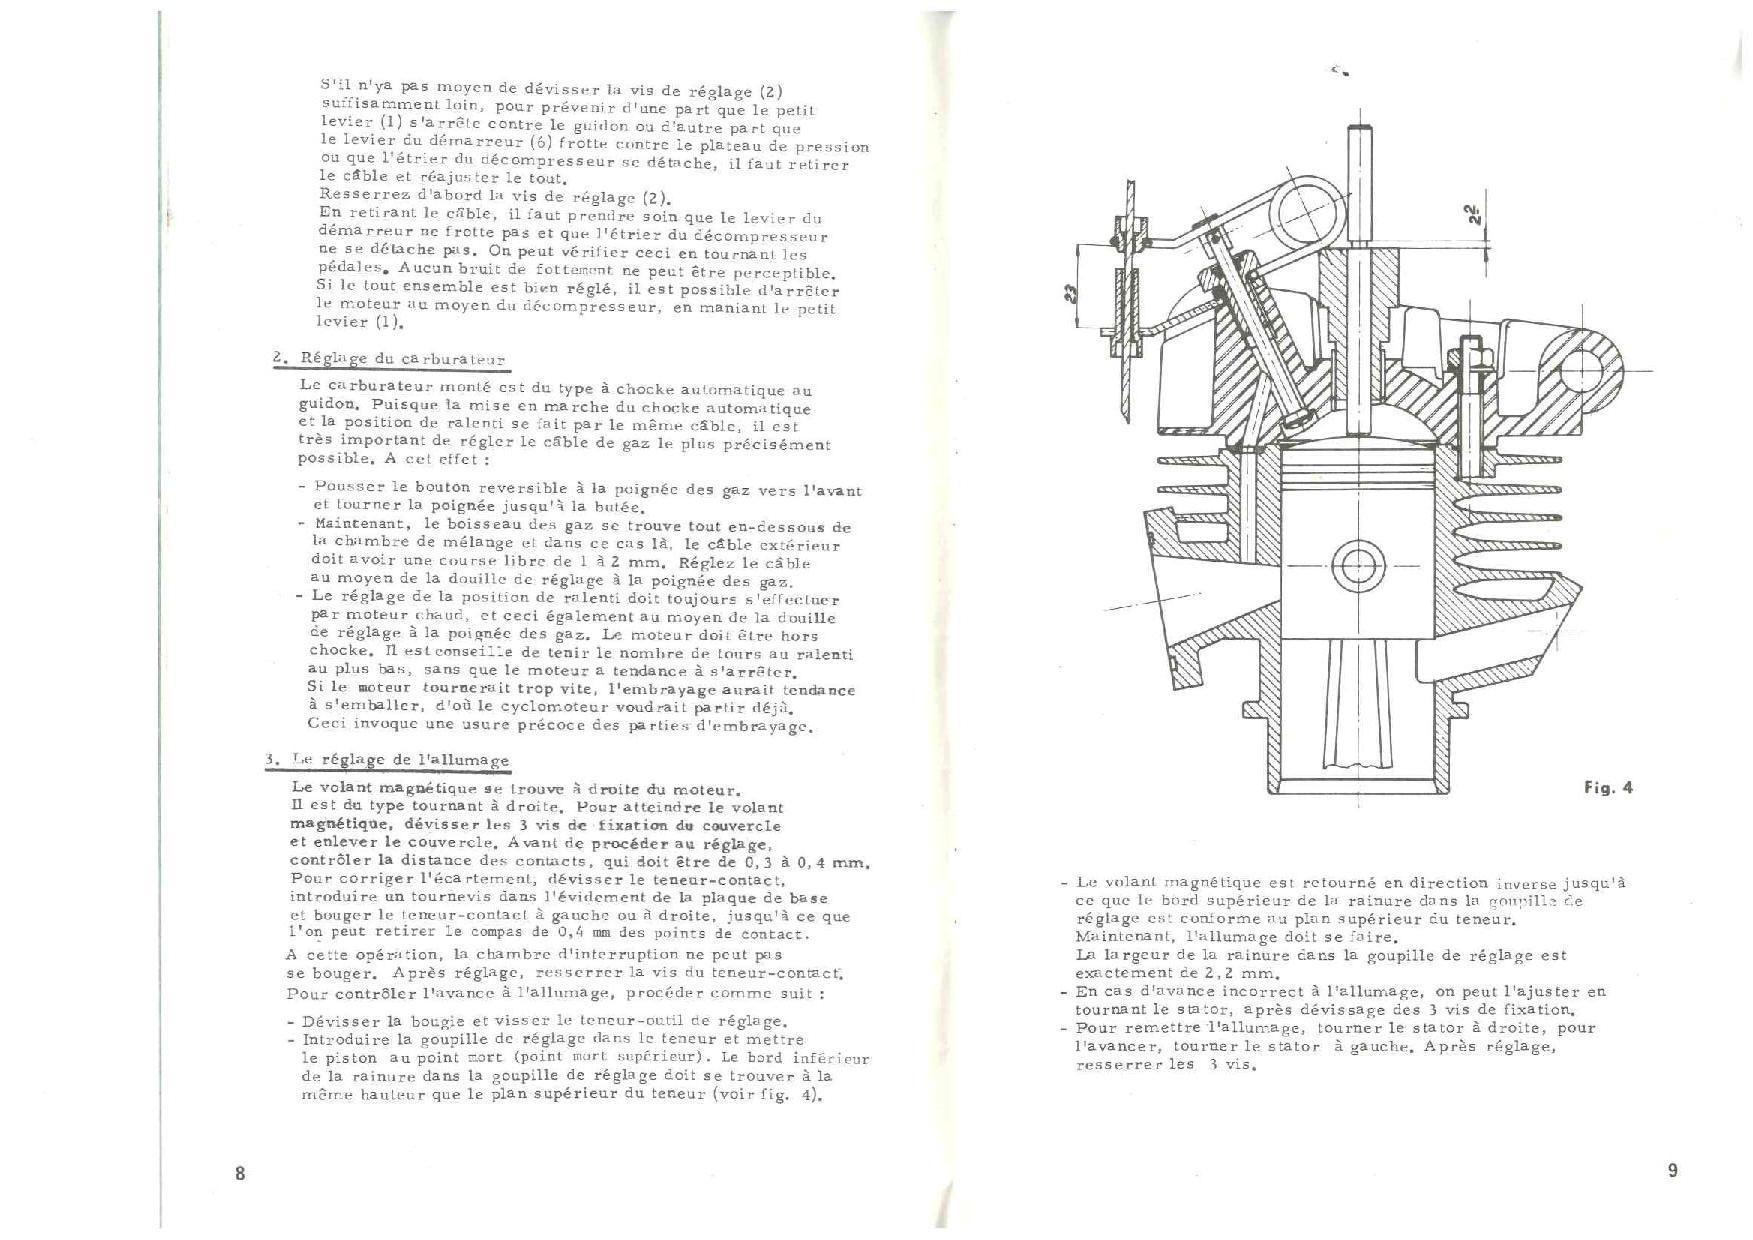 Calage allumage sur flandria apollo. ZvNbMb-reglage-allumage-moteur-mono